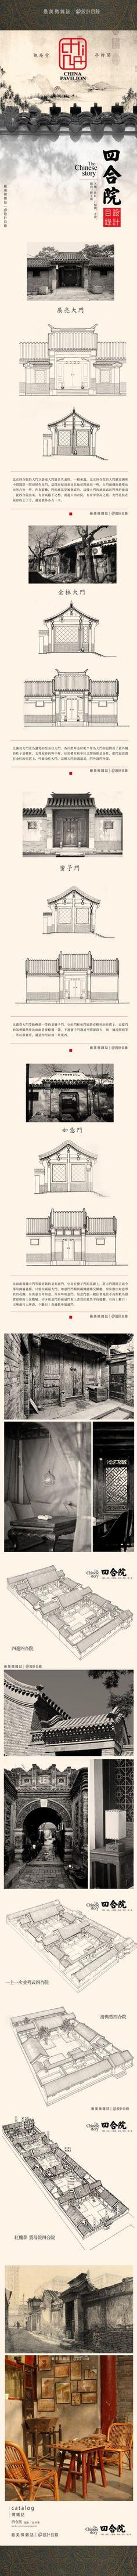 北京四合院 | 由正房、倒座、東廂房和西廂房圍合成一個口字形,中間是一個庭院。從擇地、定位到確定建築的尺度都極講究風水。其大門以廣亮大門最具代表性。更為講究的是金柱大門。徜徉在北京的胡同,兩側大門緊閉,…